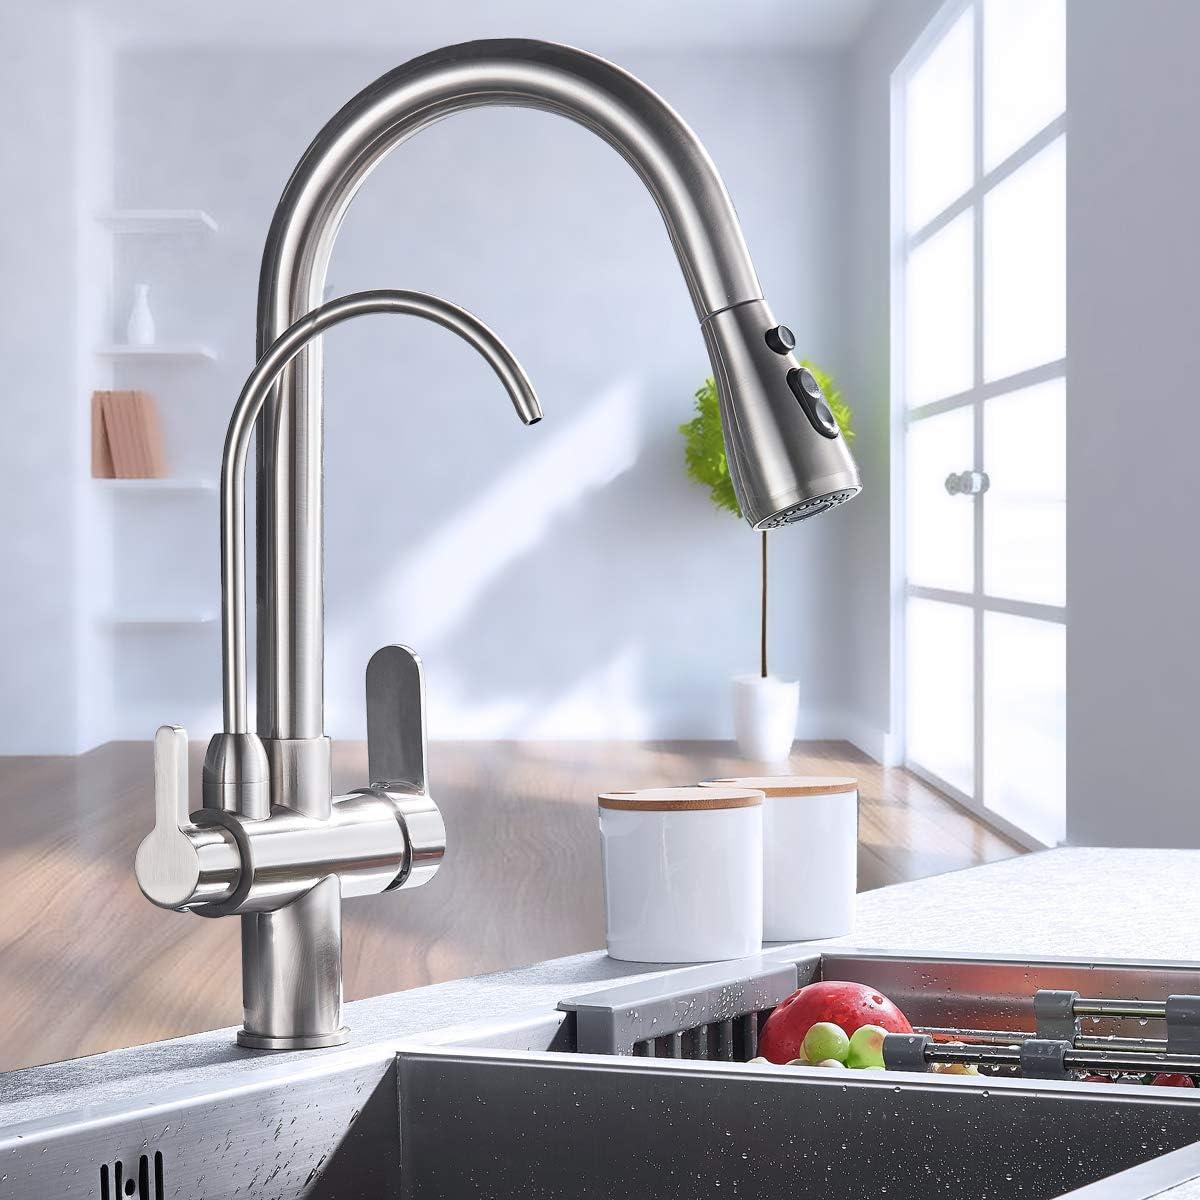 Saeuwtowy Grifo de Cocina 3 Vías Osmosis agua pura,Grifo Mezclador Cocina giratorio 360,Grifo Cocina Agua Frío y Calor disponibles,níquel cepillado